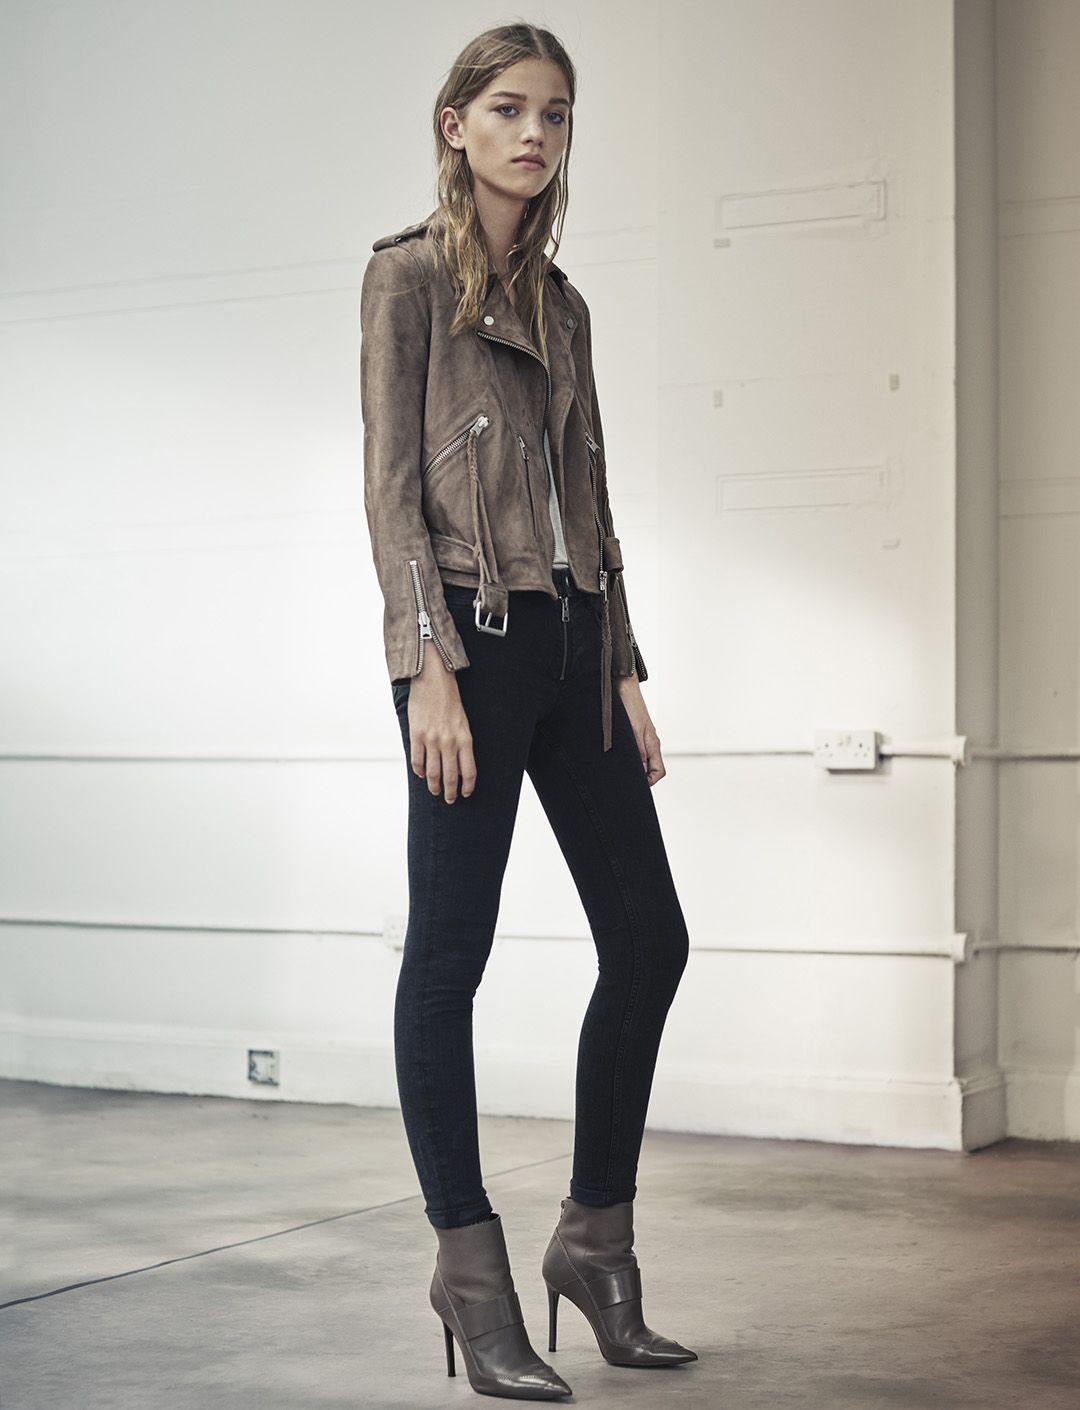 AllSaints Women's August Lookbook Look 4: Plait Balfern Biker, Malin Silk Vest, Track Ankle Jeans